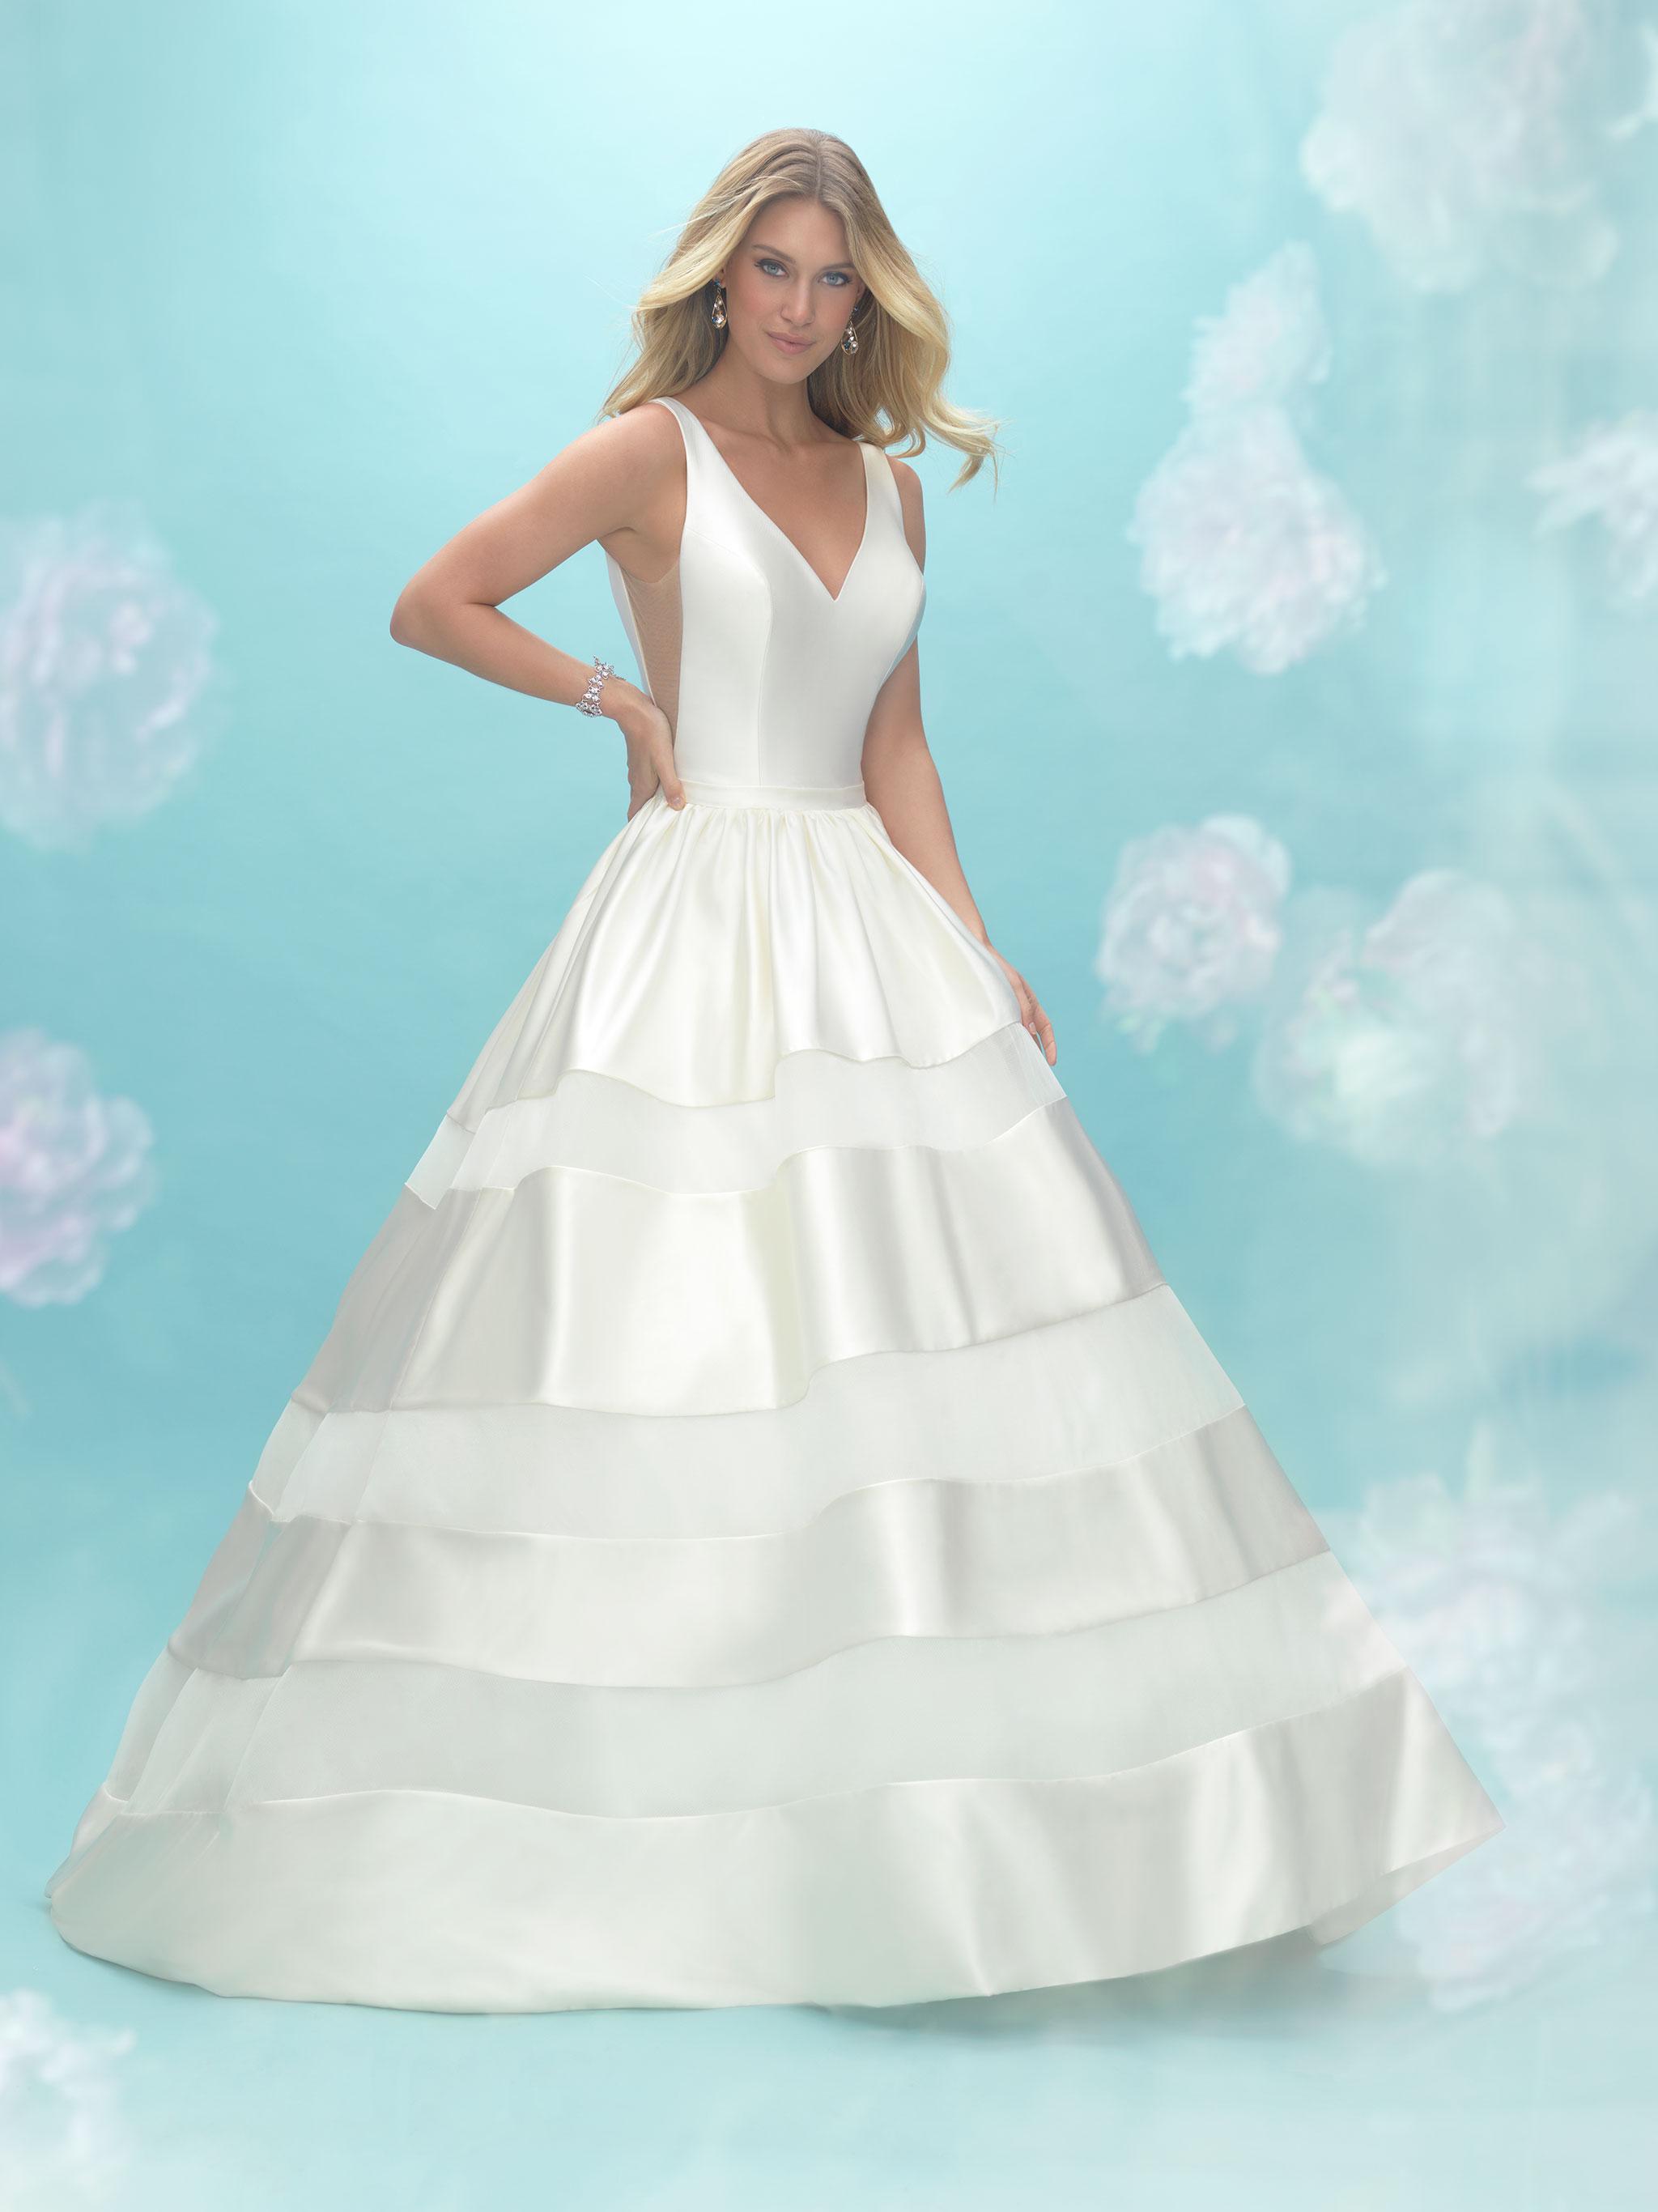 7a385a188 Wedding Dresses | Bridal & Bridesmaid, Formal Gowns | Allure Bridals